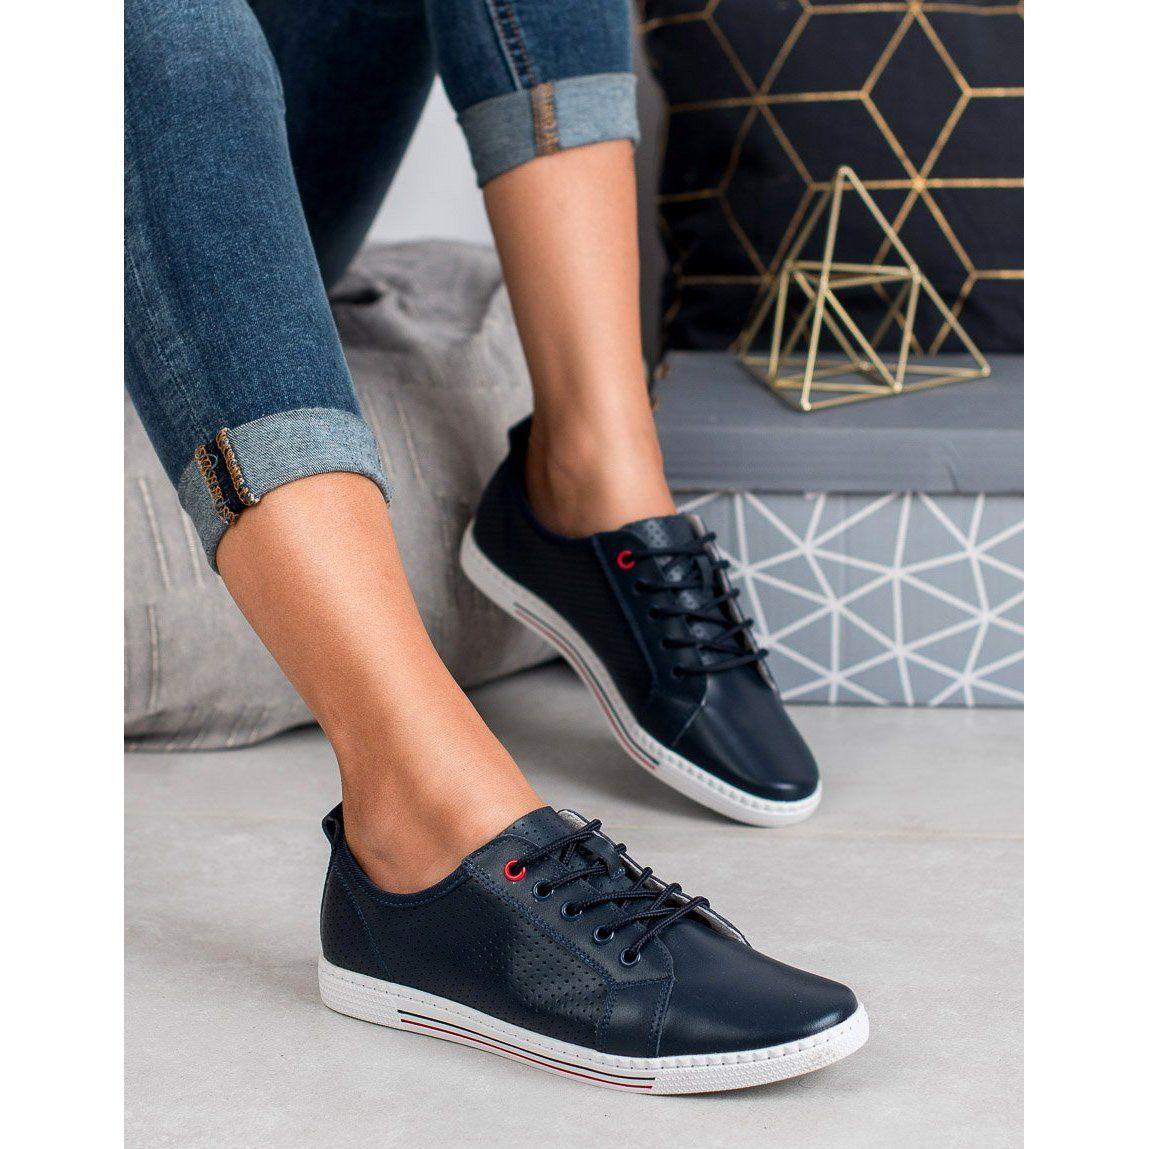 Filippo Skorzane Polbuty Granatowe All Black Sneakers Sneakers Shoes